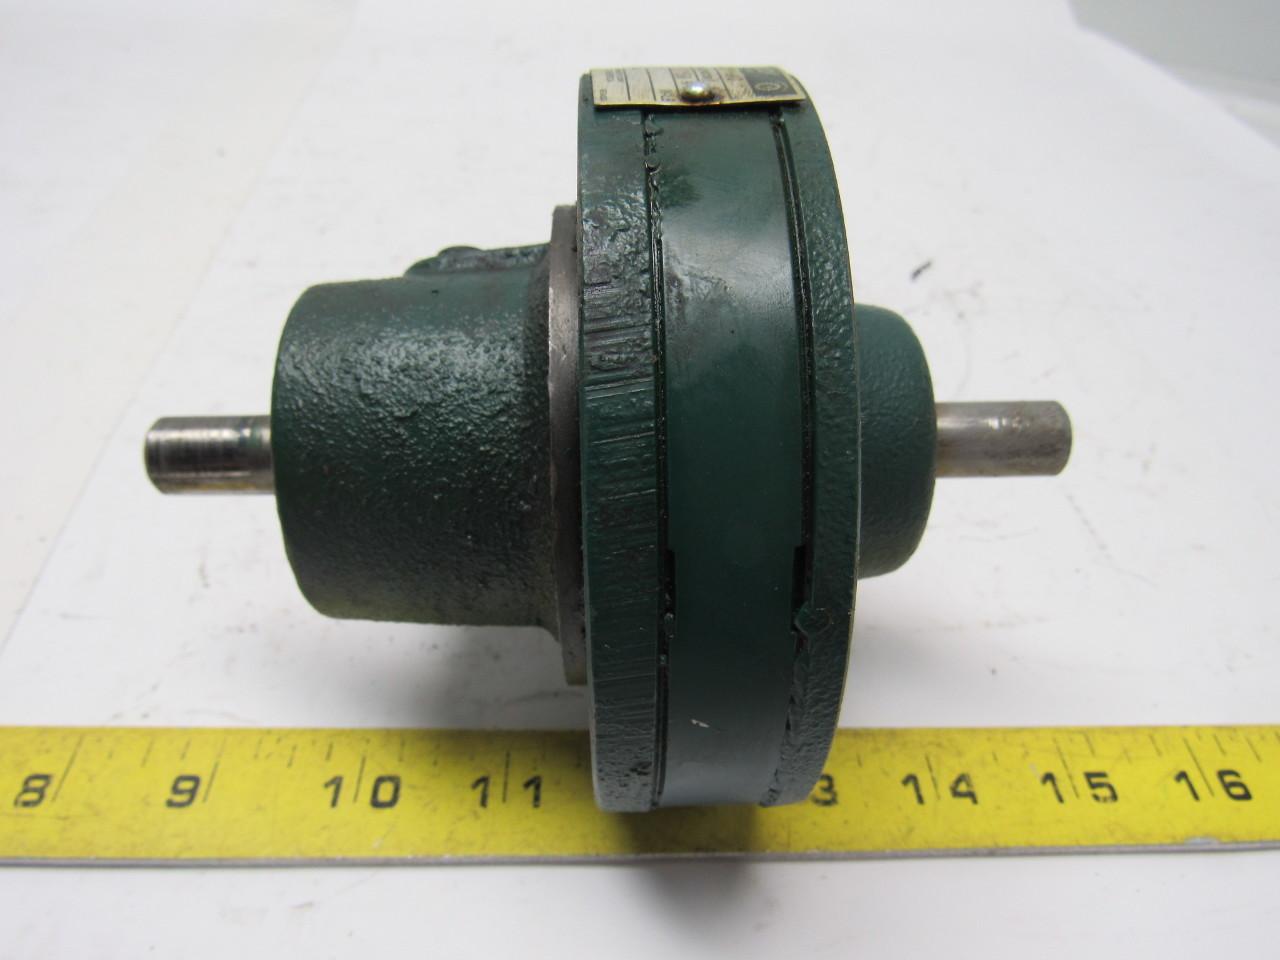 Sumitomo CNF-S-4075Y-43 SM-Cyclo Gear Reducer 43:1 Ratio .15HP 1750RPM